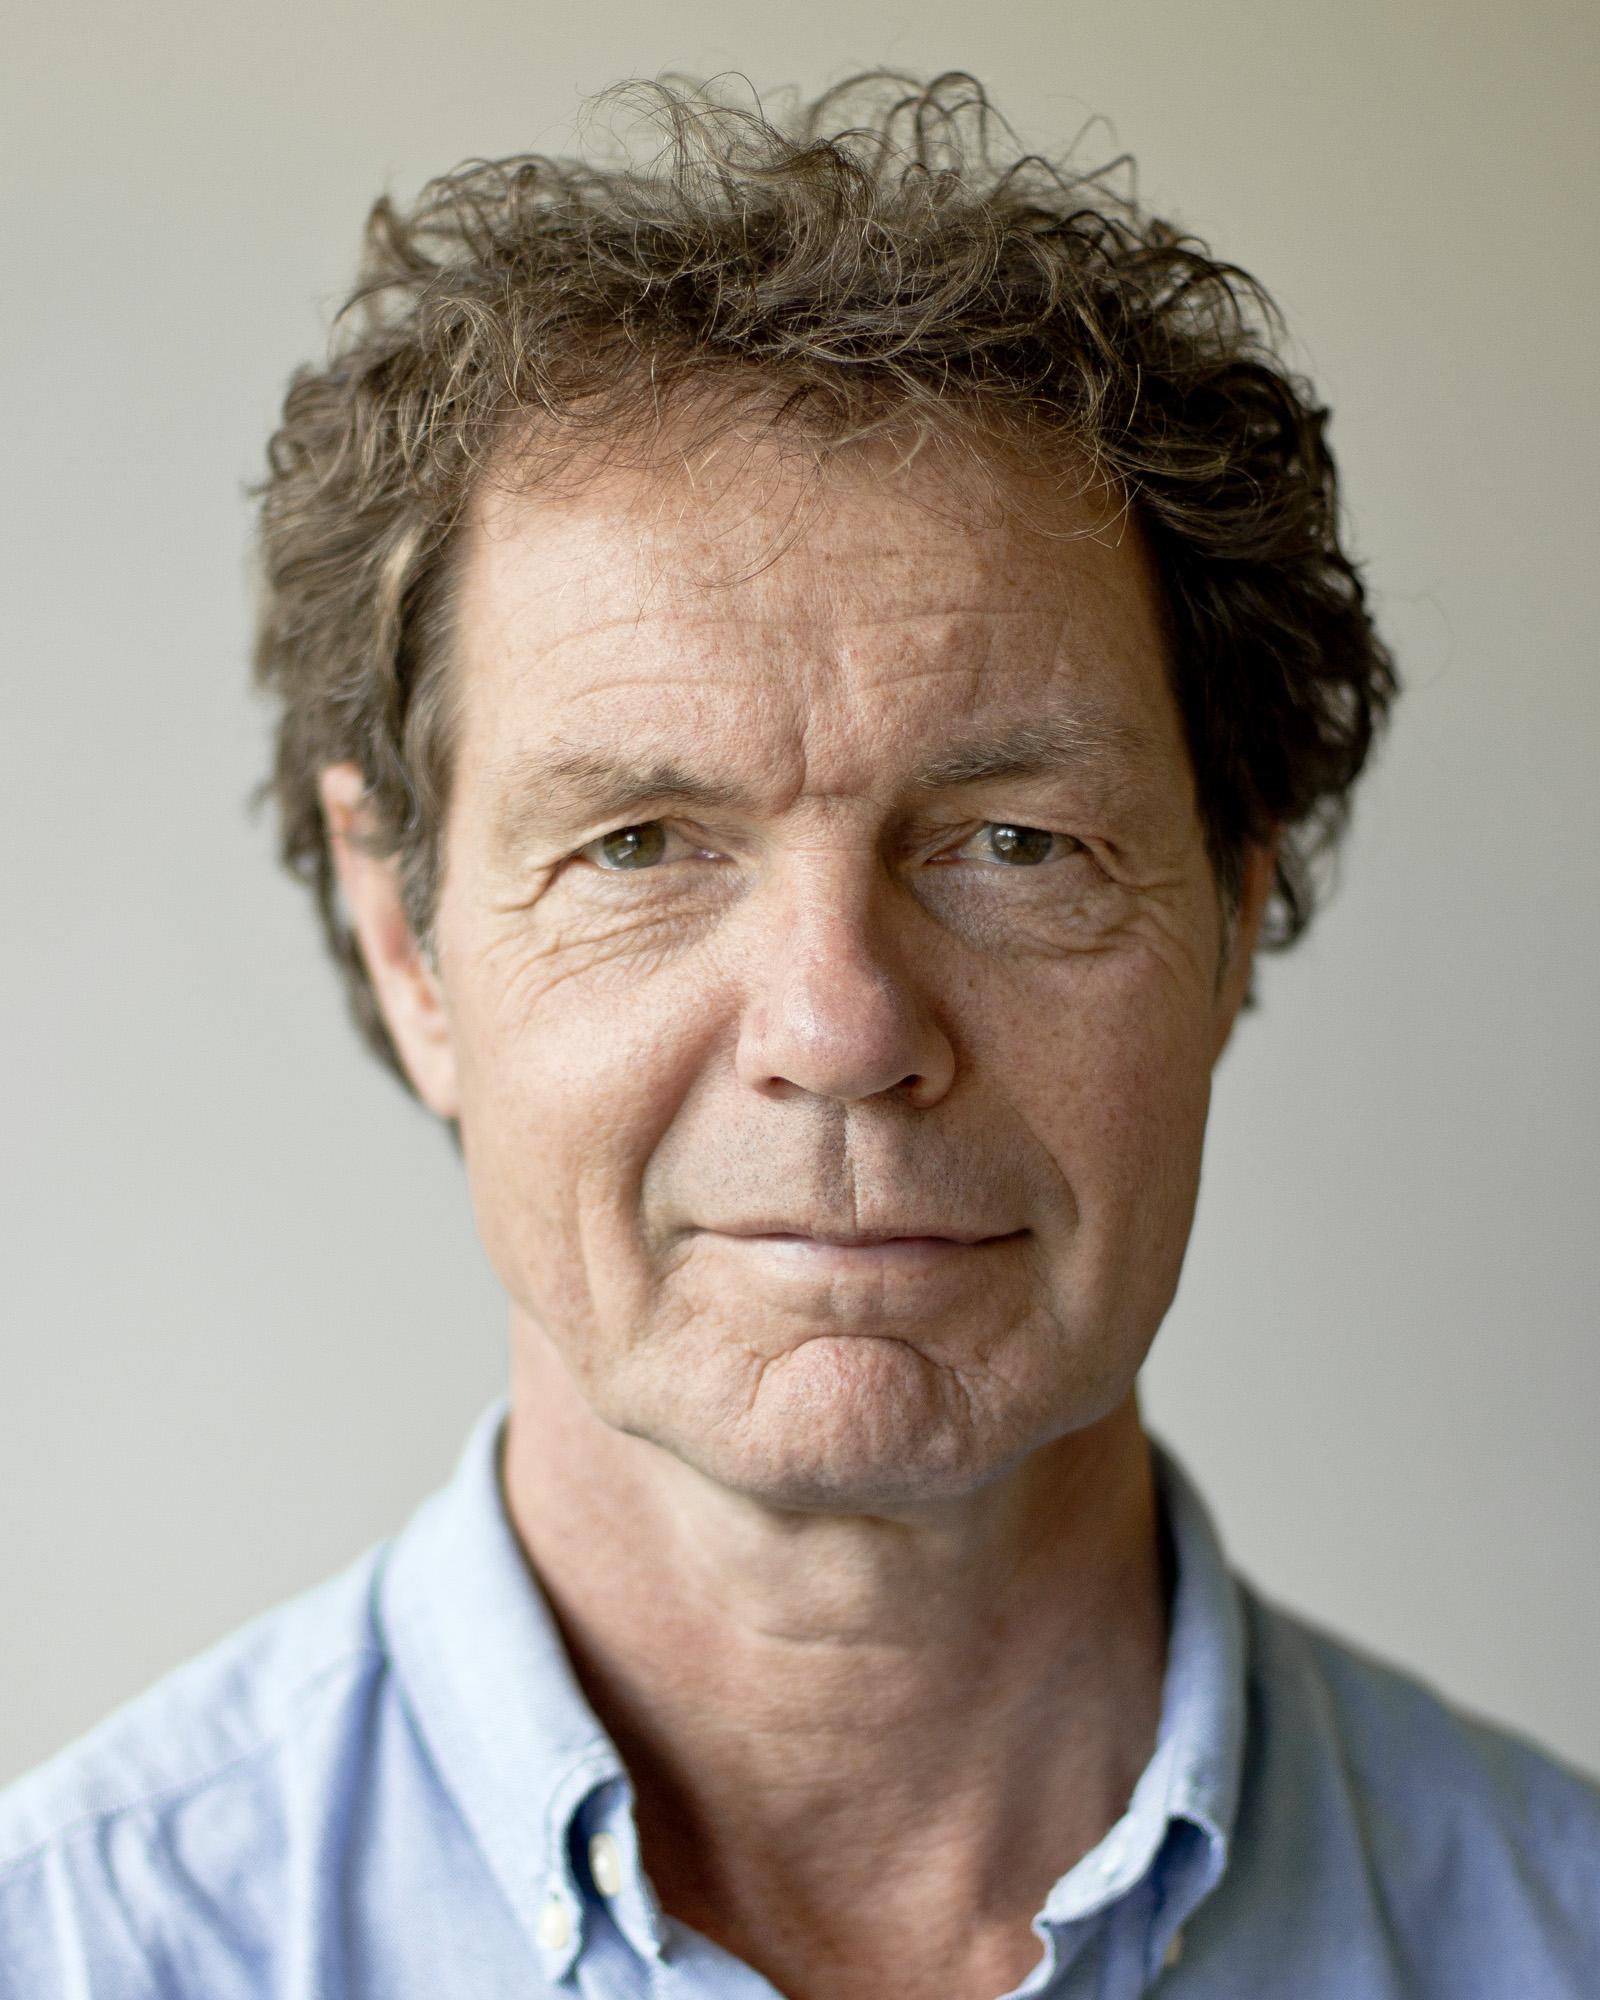 Jaap Klouwen